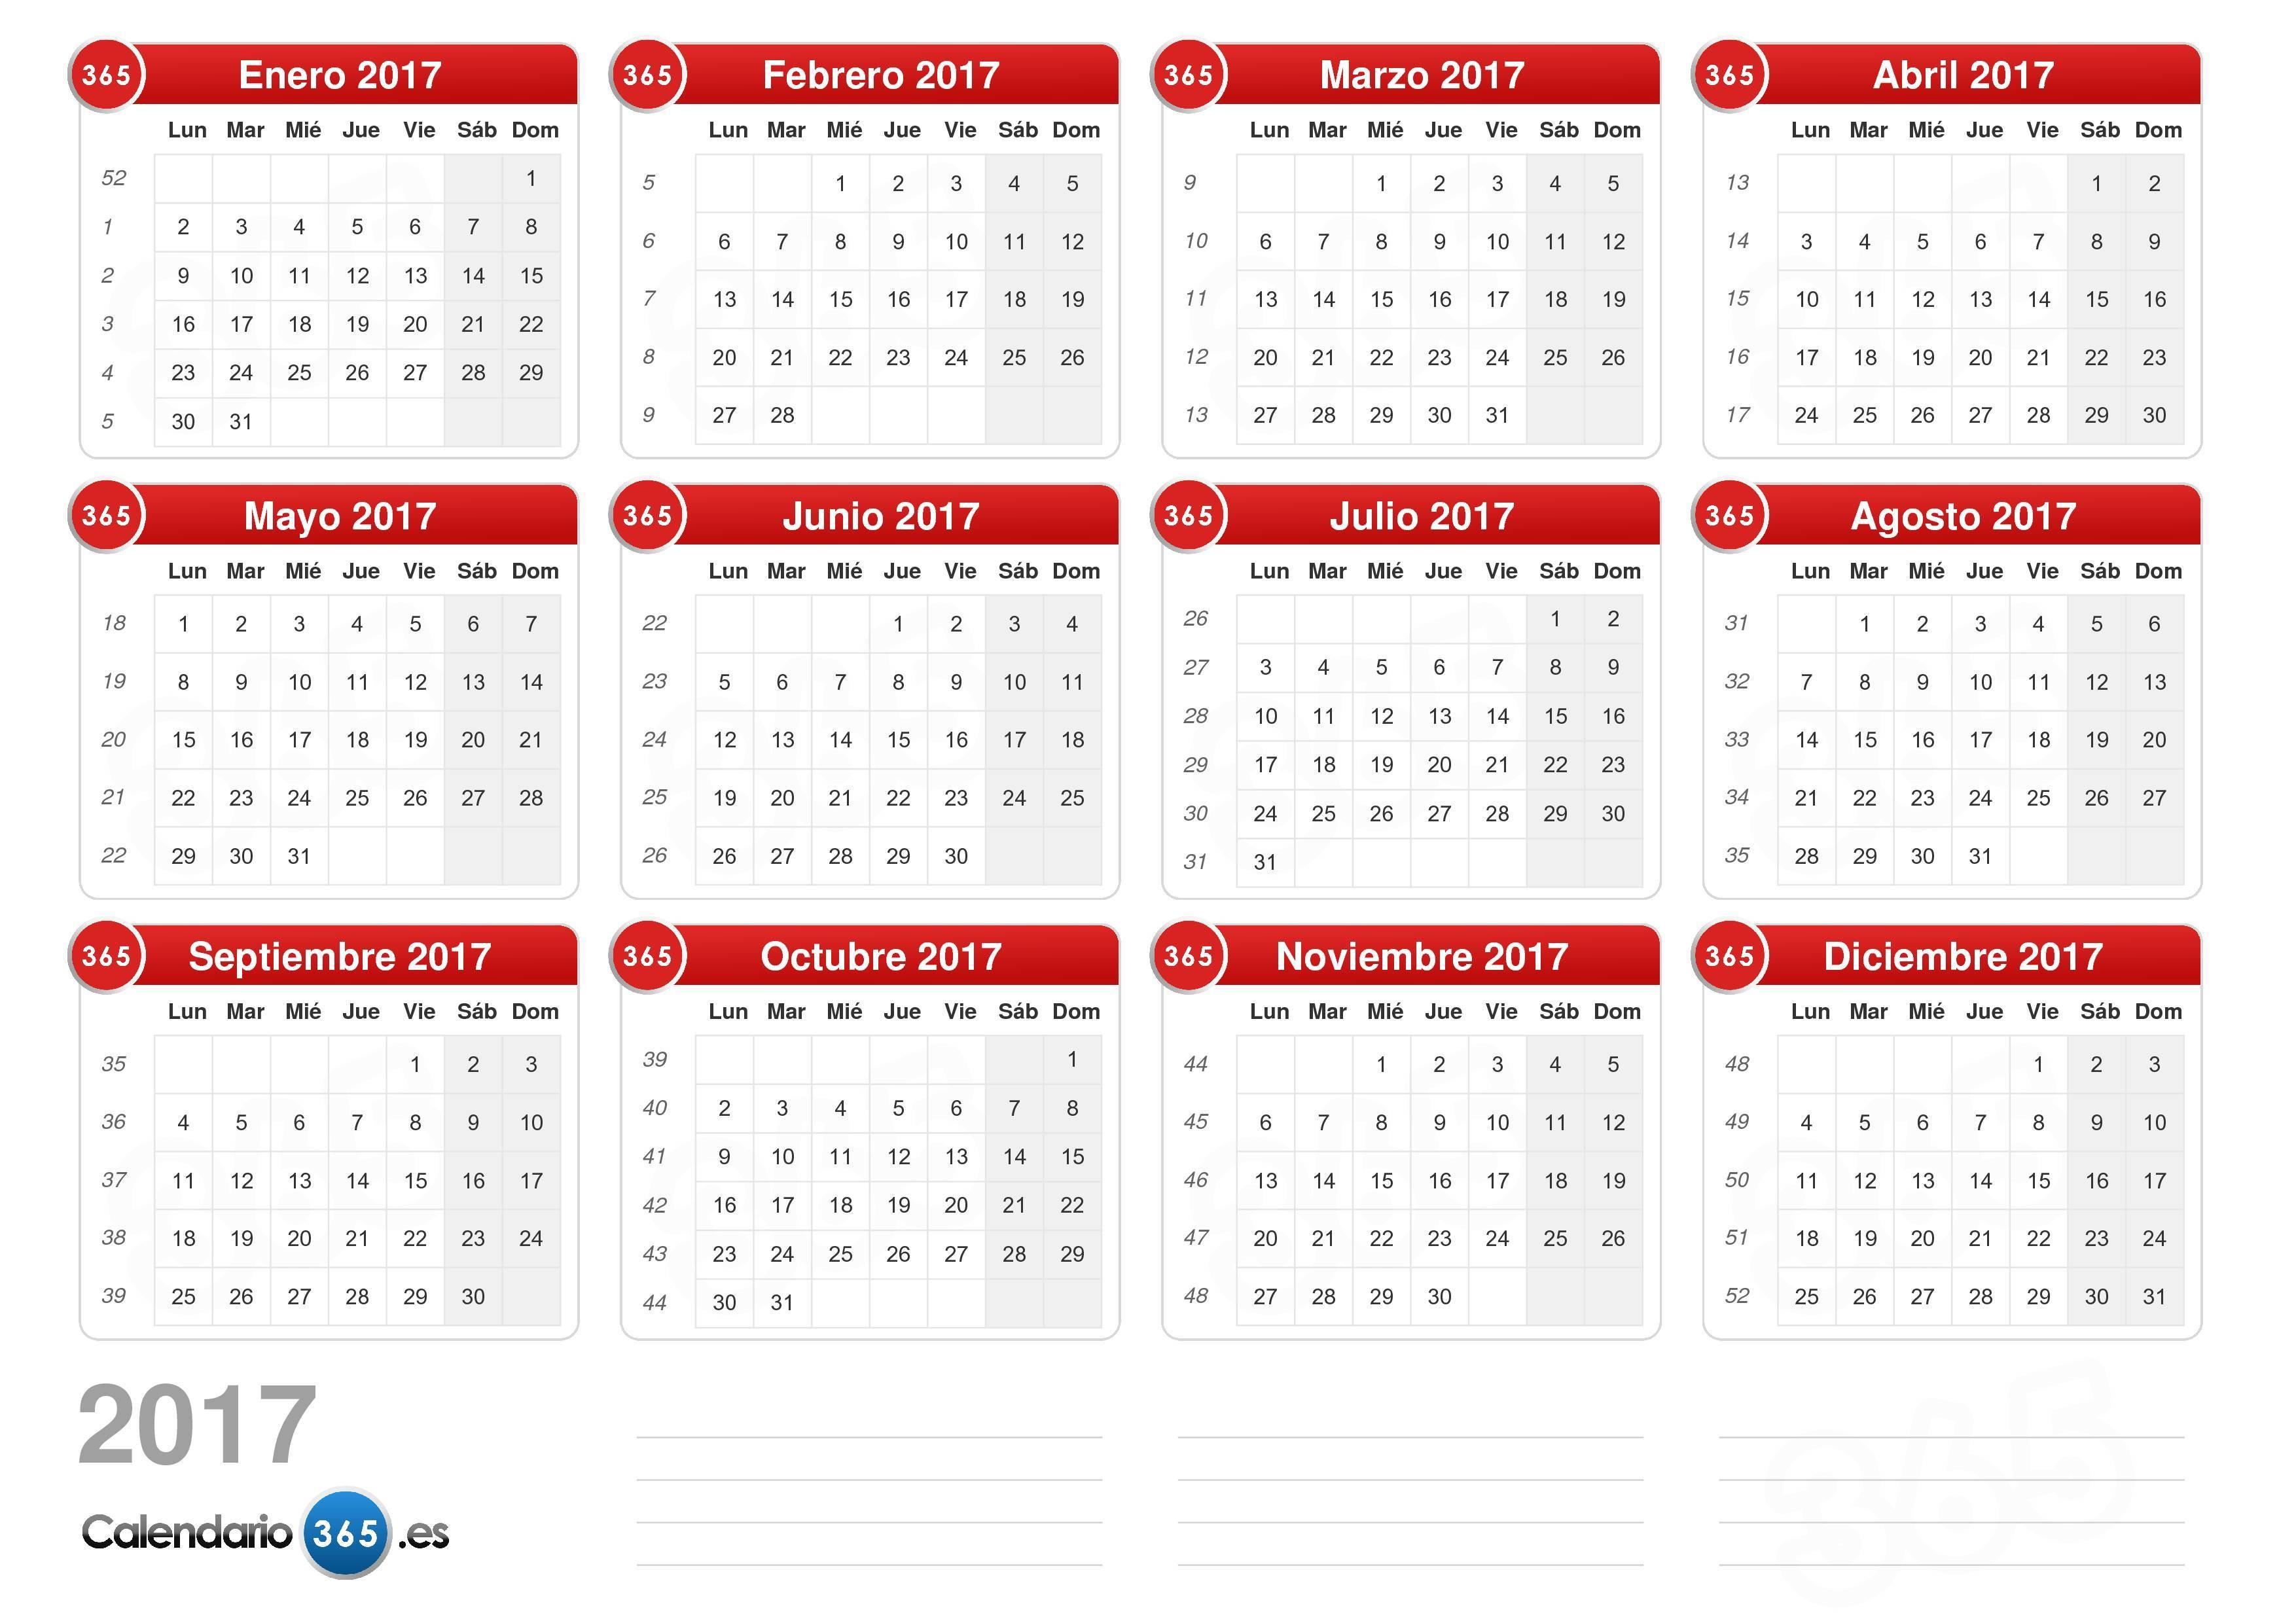 Calendario Lunar Febrero 2017 España Más Arriba-a-fecha Calendario 2017 Of Calendario Lunar Febrero 2017 España Recientes Calaméo Romo Rojas Lisseth Cuaderno Materia Contabilidad Intermedia I